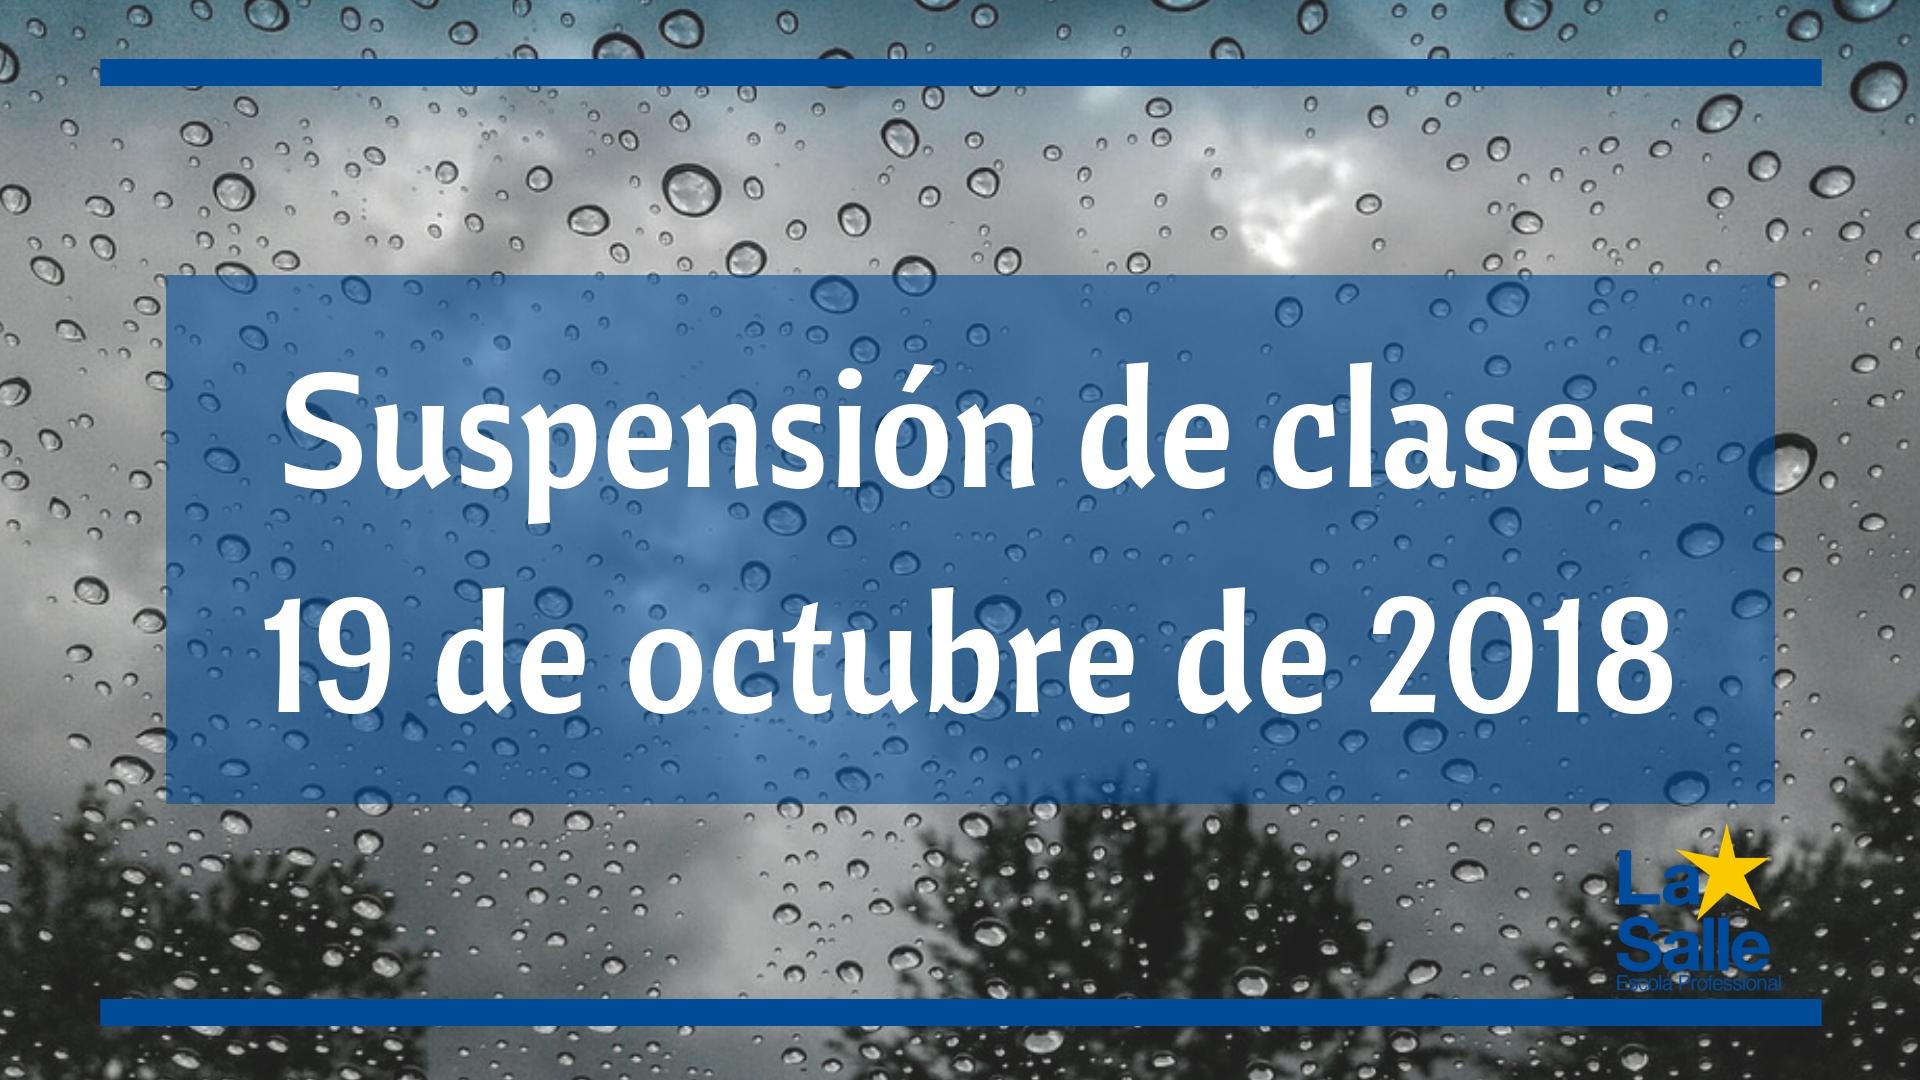 Suspensión de clases día 19 de octubre